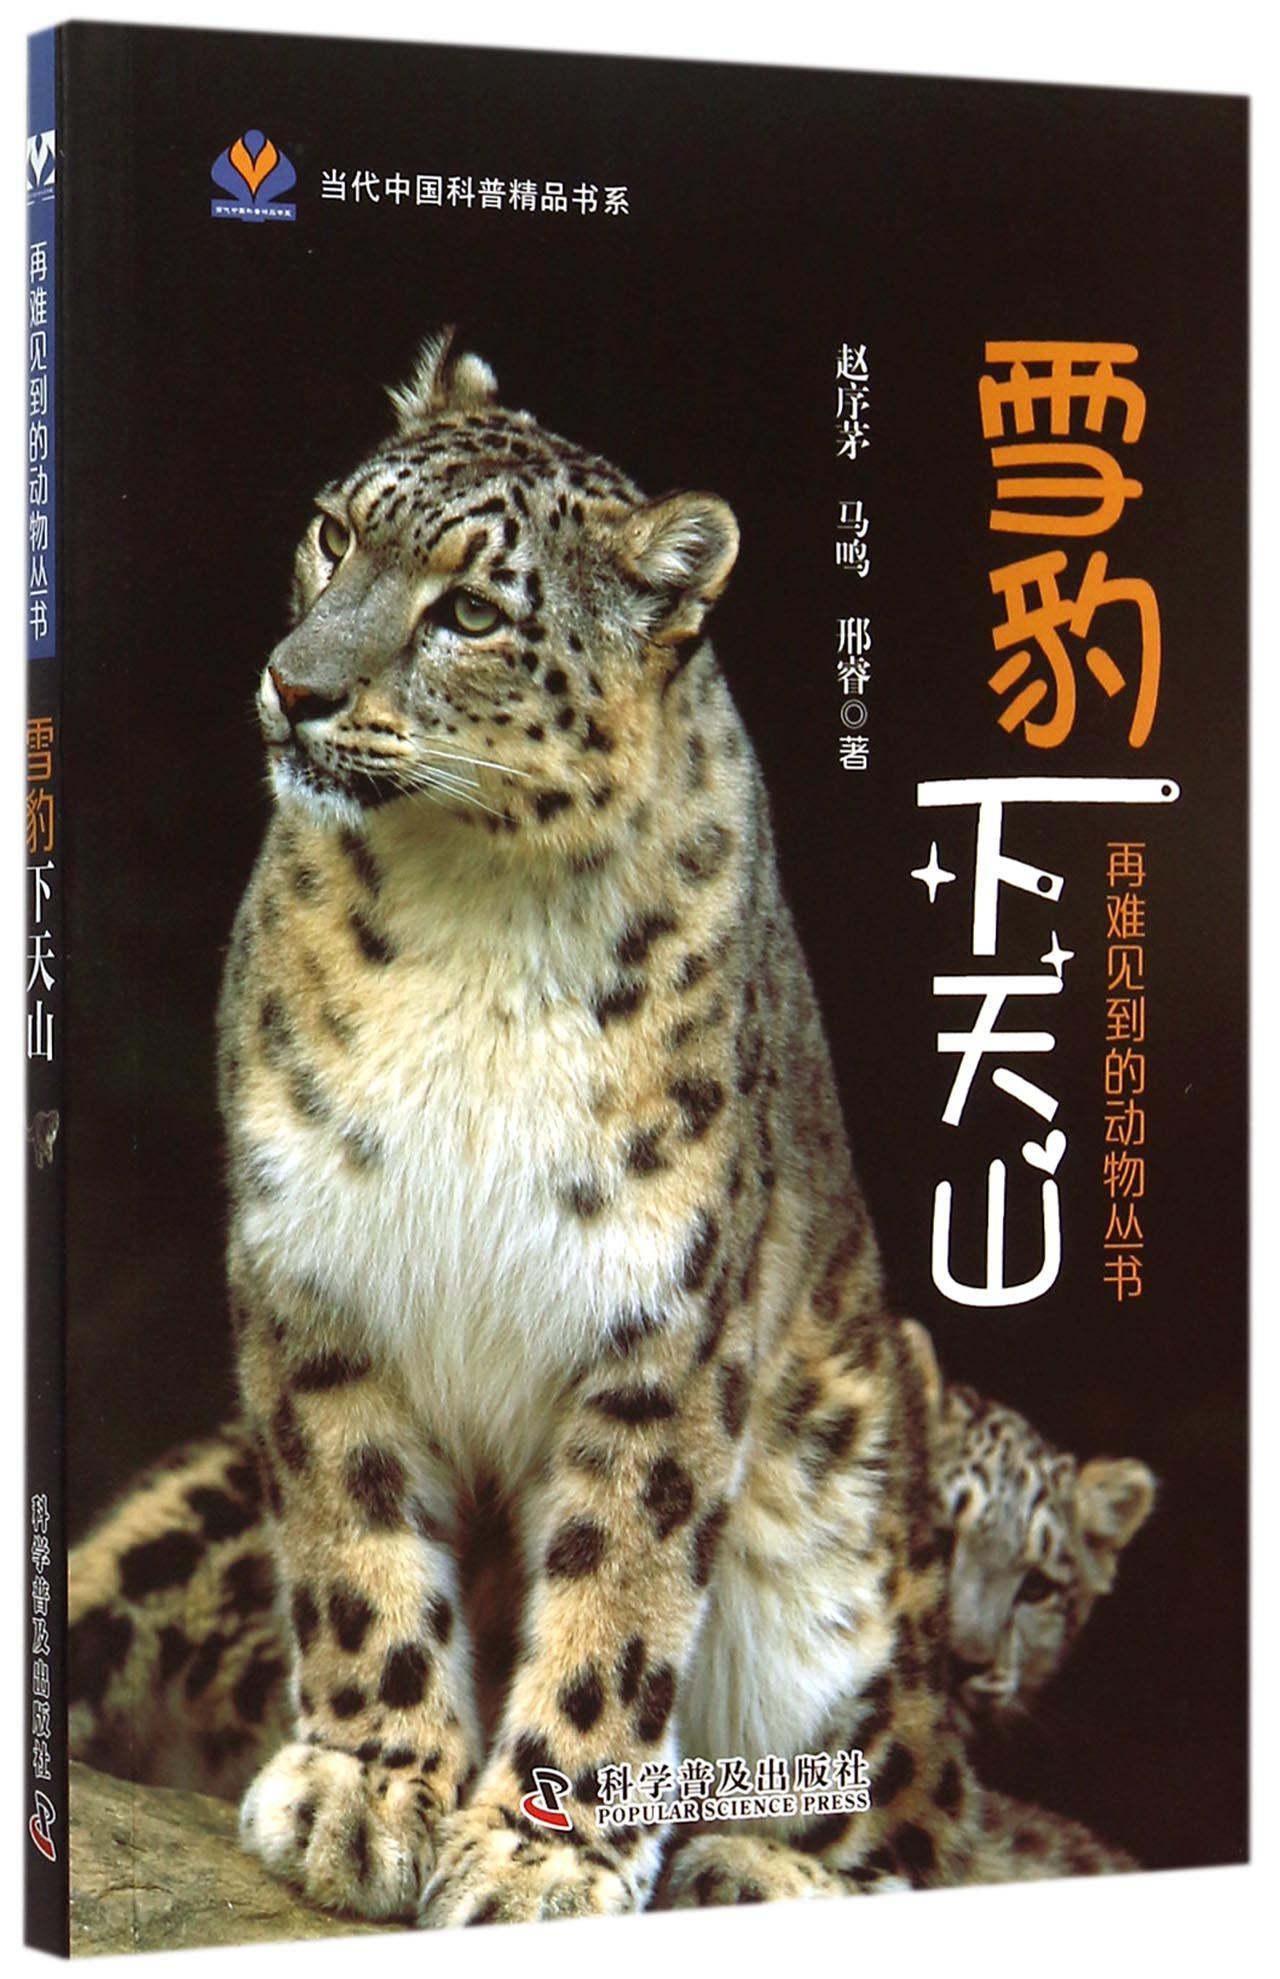 雪豹下天山/再难见到的动物丛书/当代中国科普精品书系